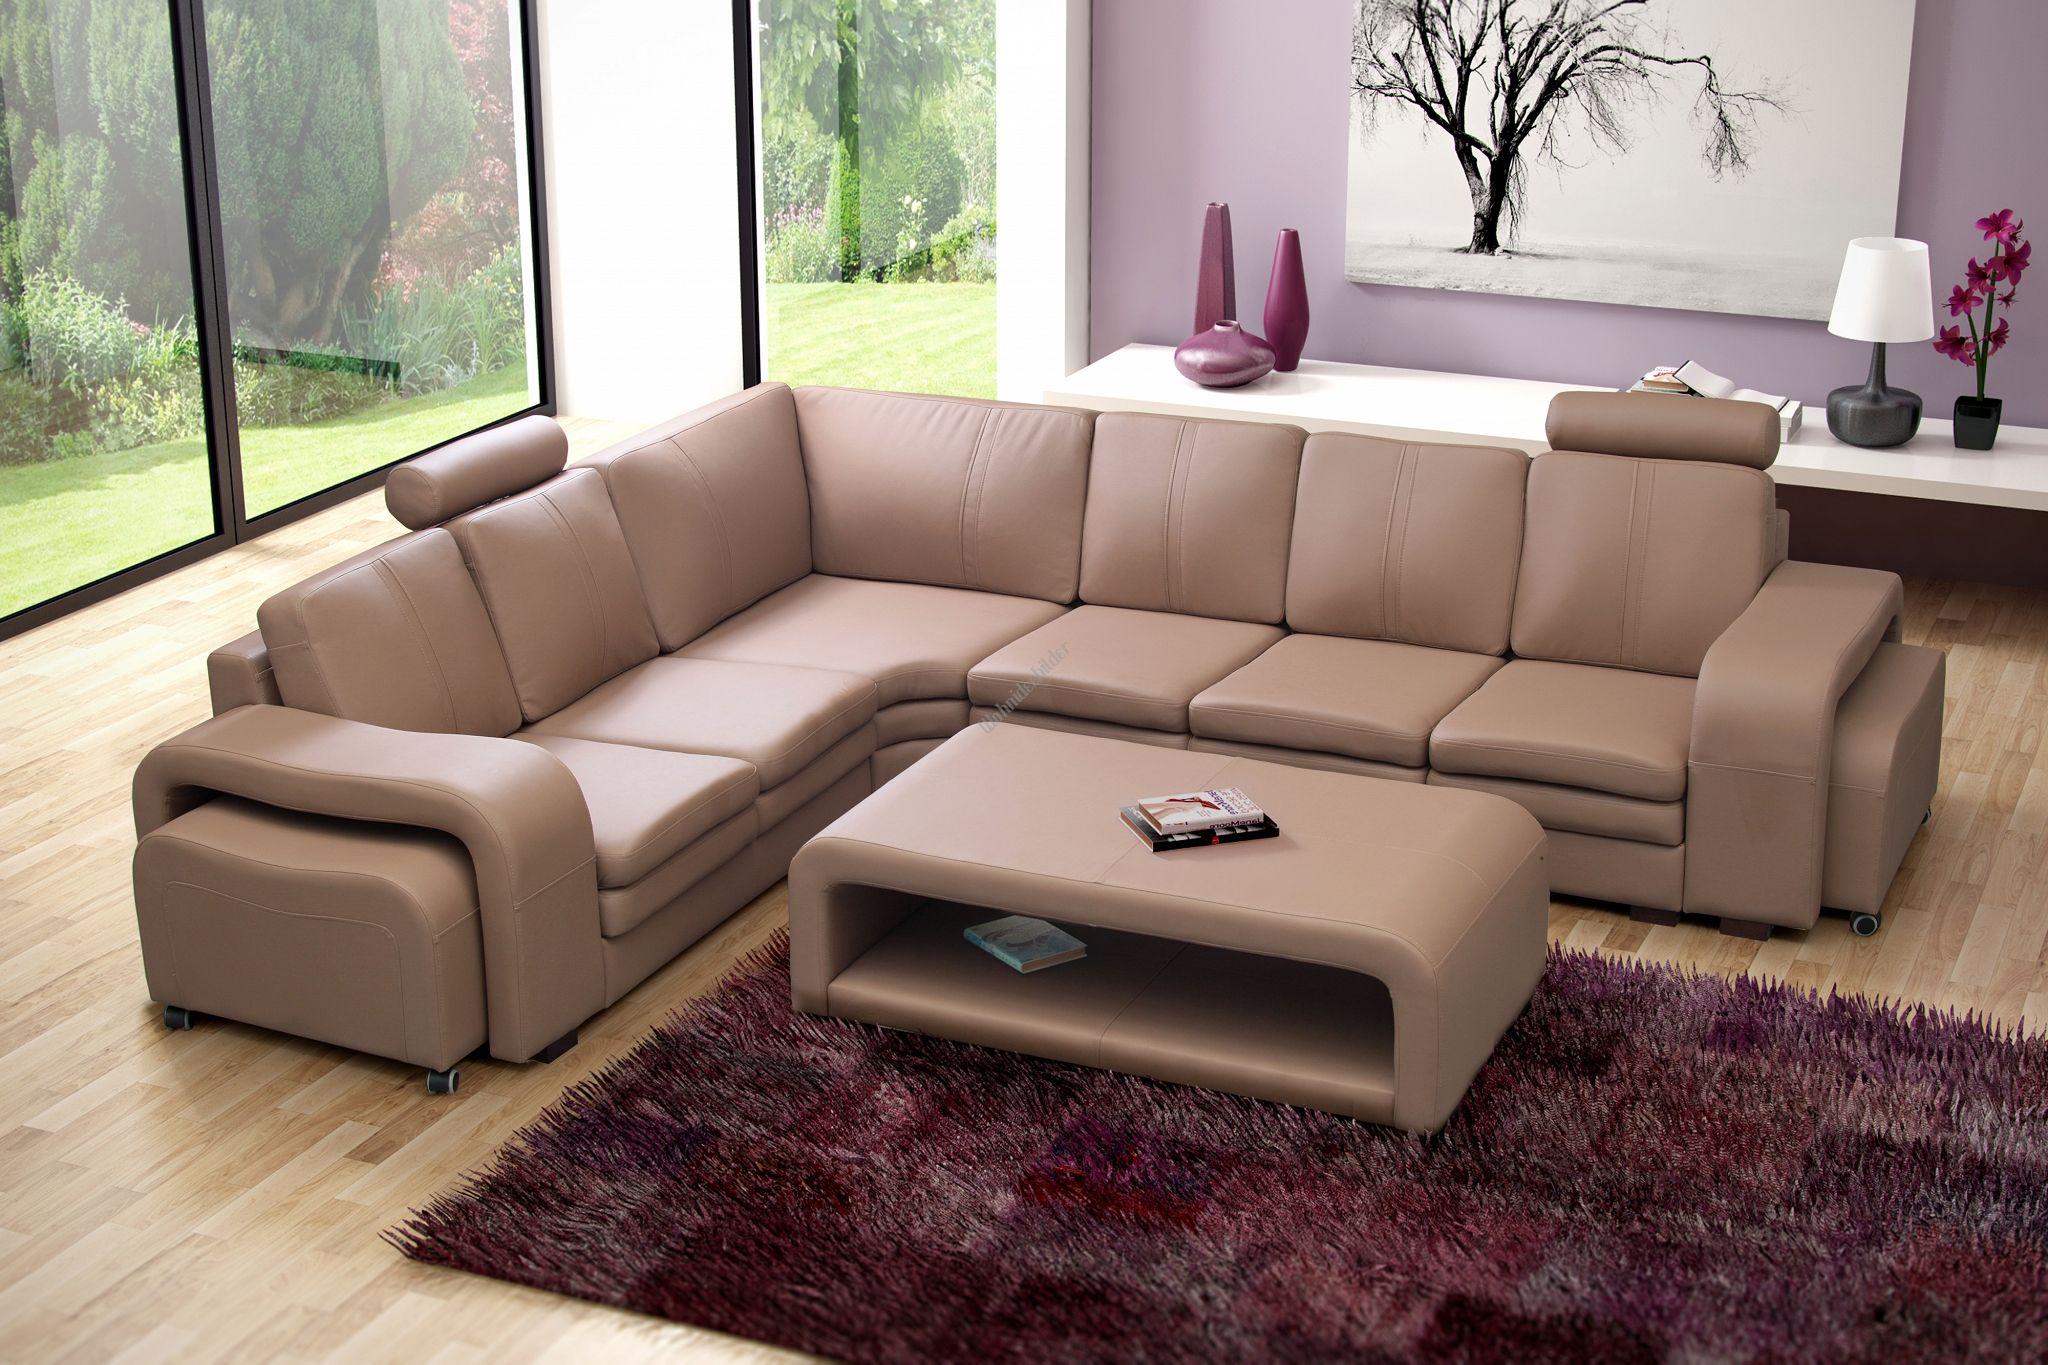 Exquisit Ecksofa Wohnlandschaft Sammlung Von Couchgarnitur Sofa Polsterecke Couch Soft Mit Tisch